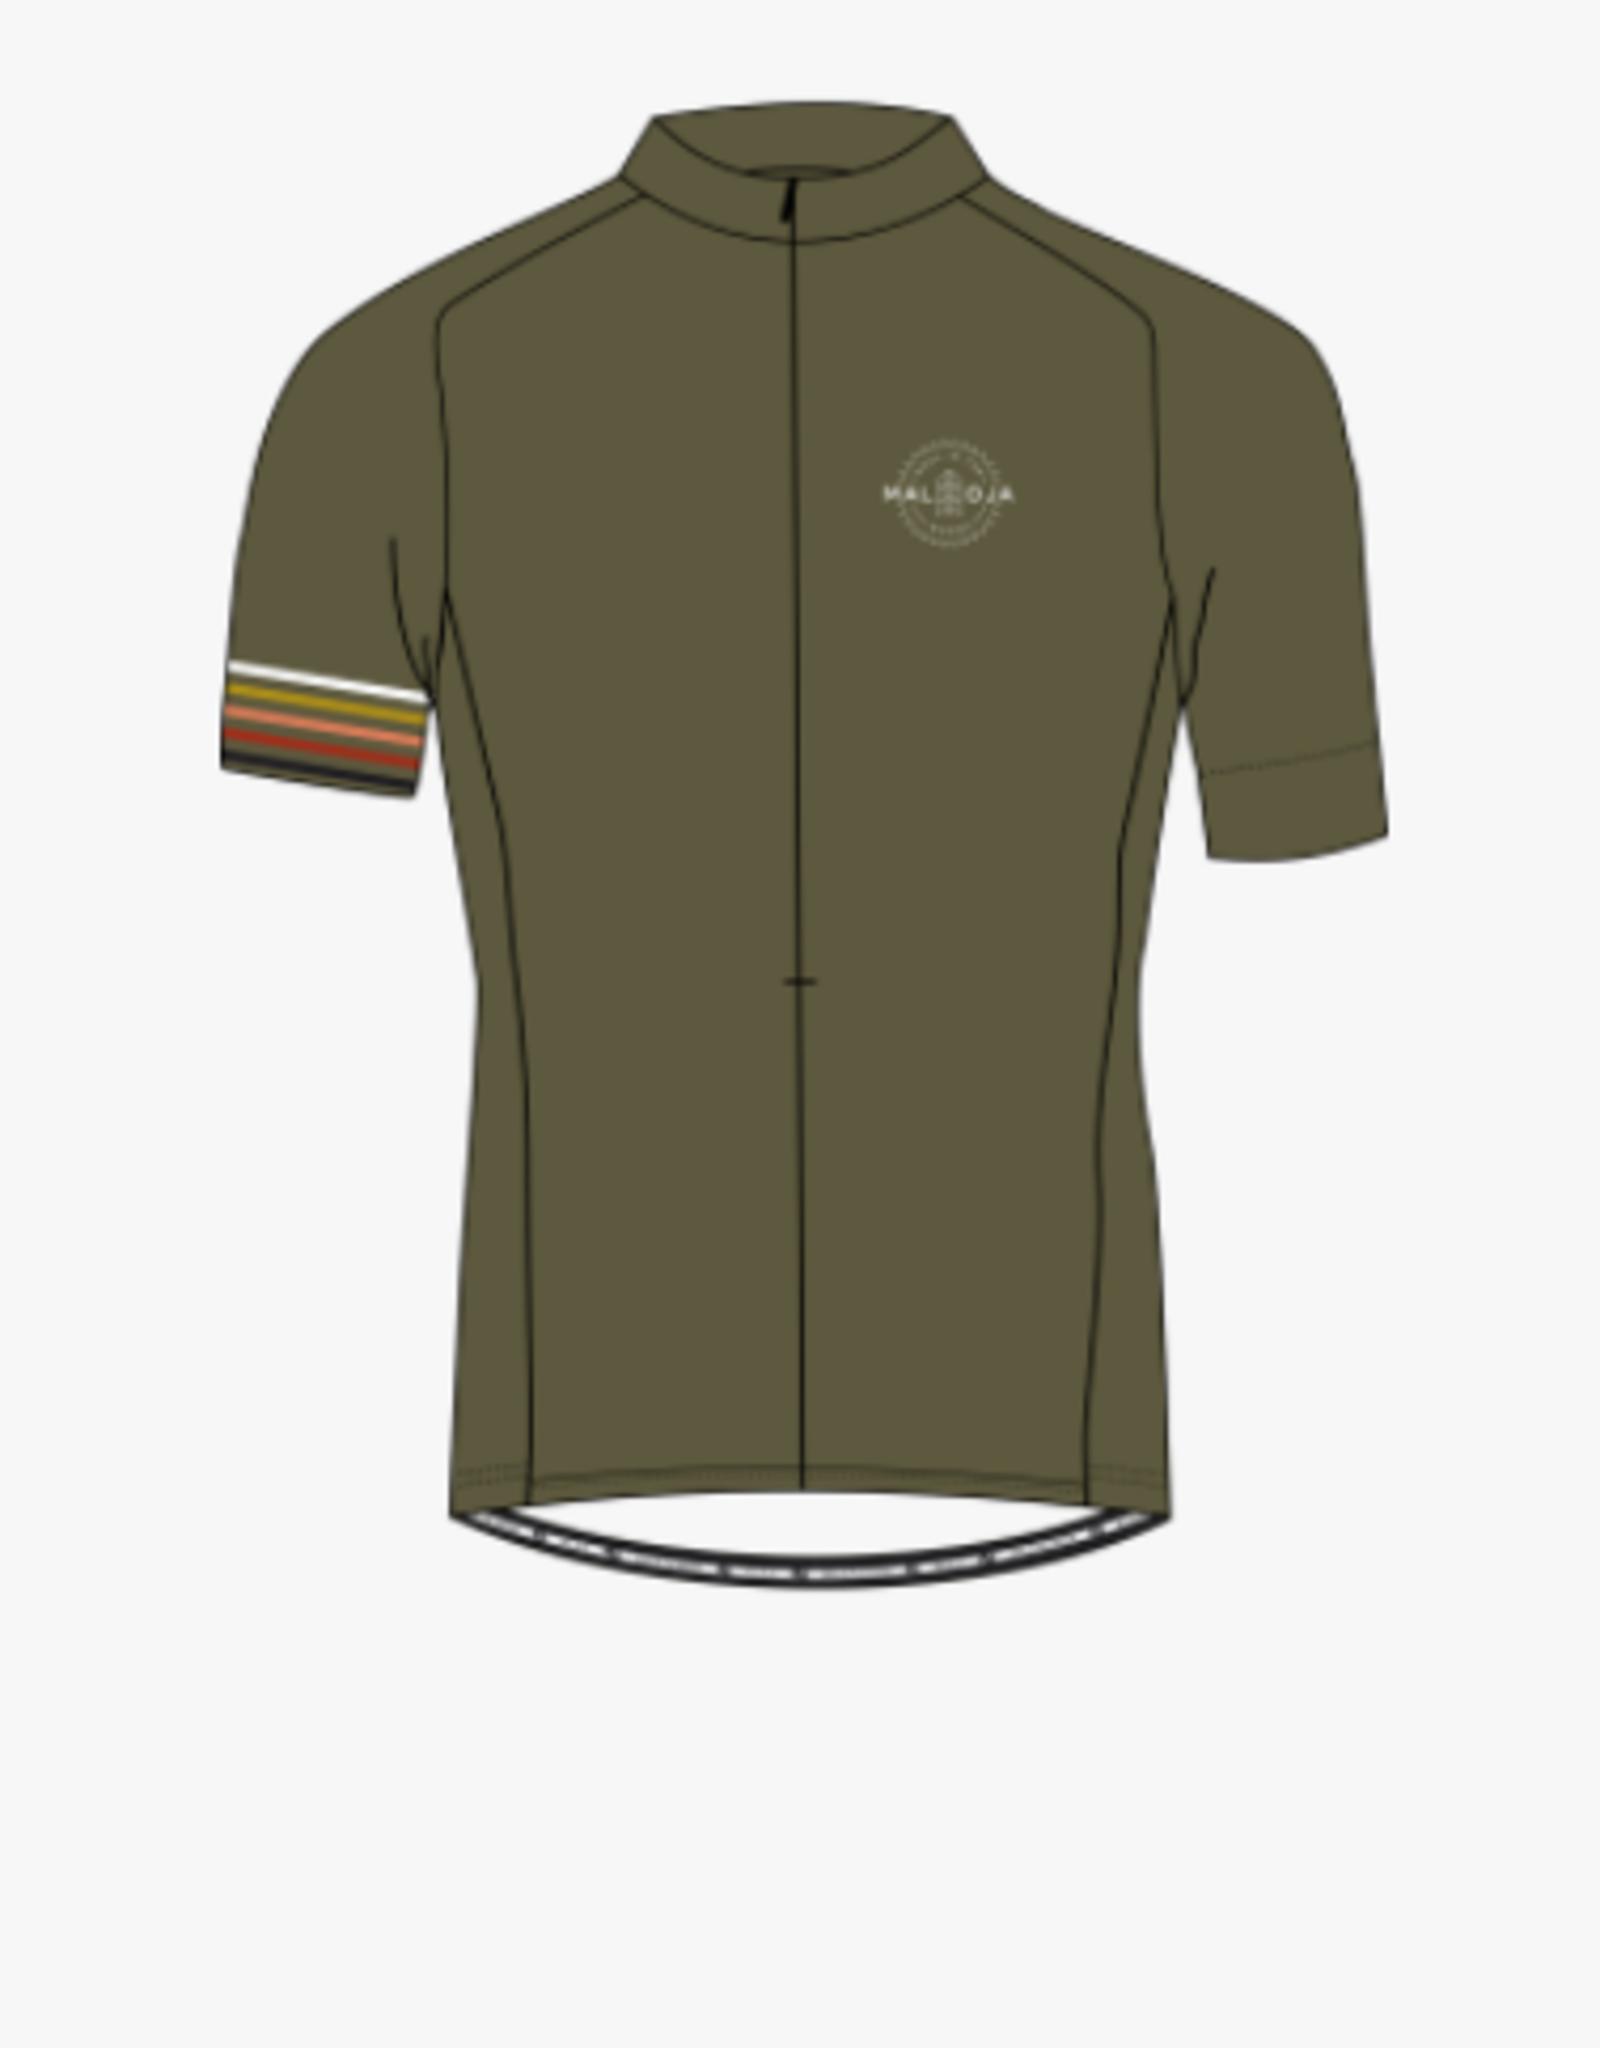 maloja Kratzdistel fiets shirt (31241)